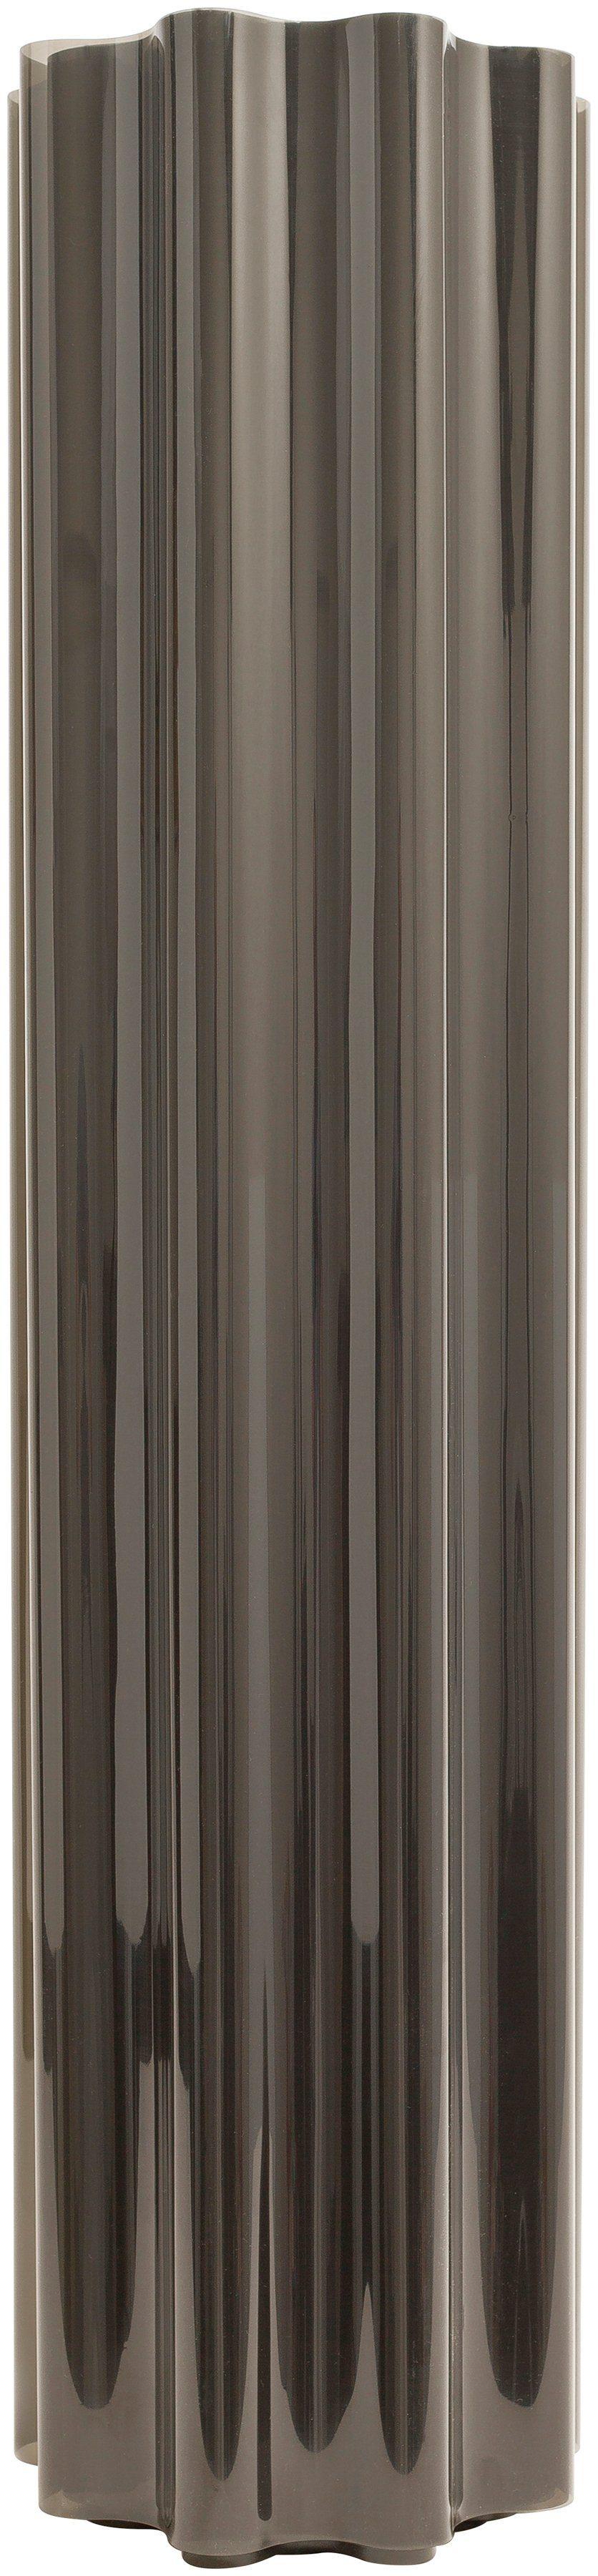 Wellplatte »Rolle sinus«, rauch, 10 m², inkl. Befestigung